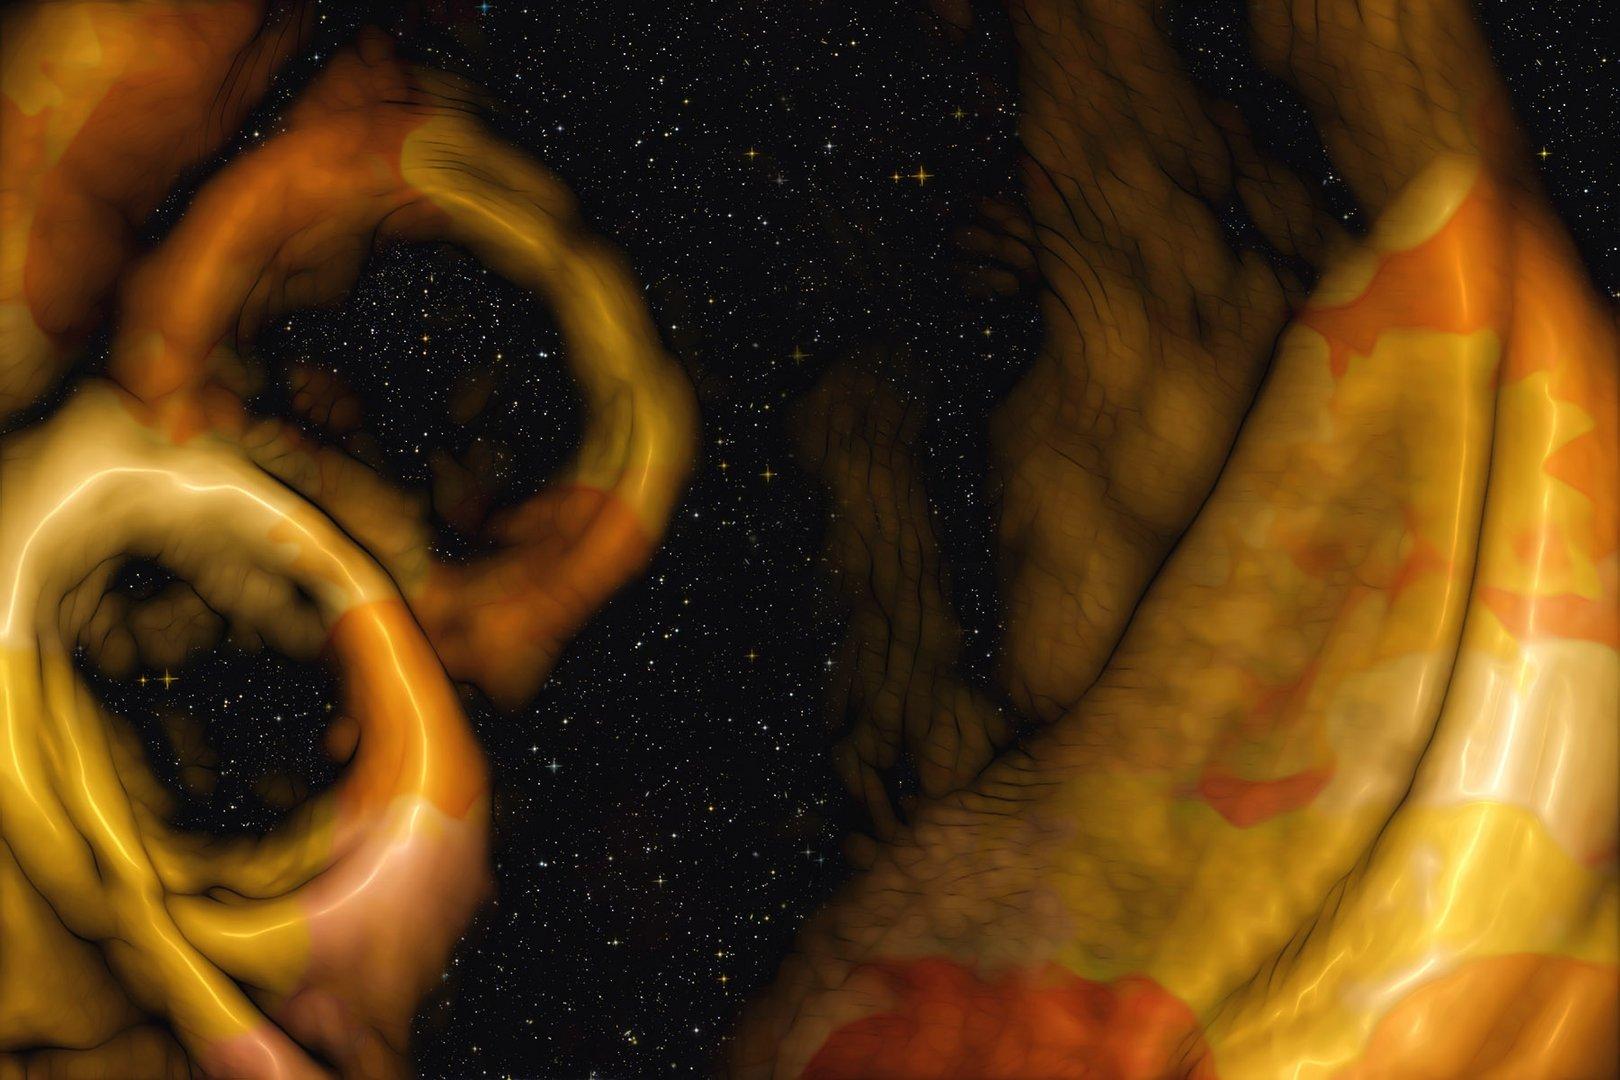 goldene ringe im universum ...